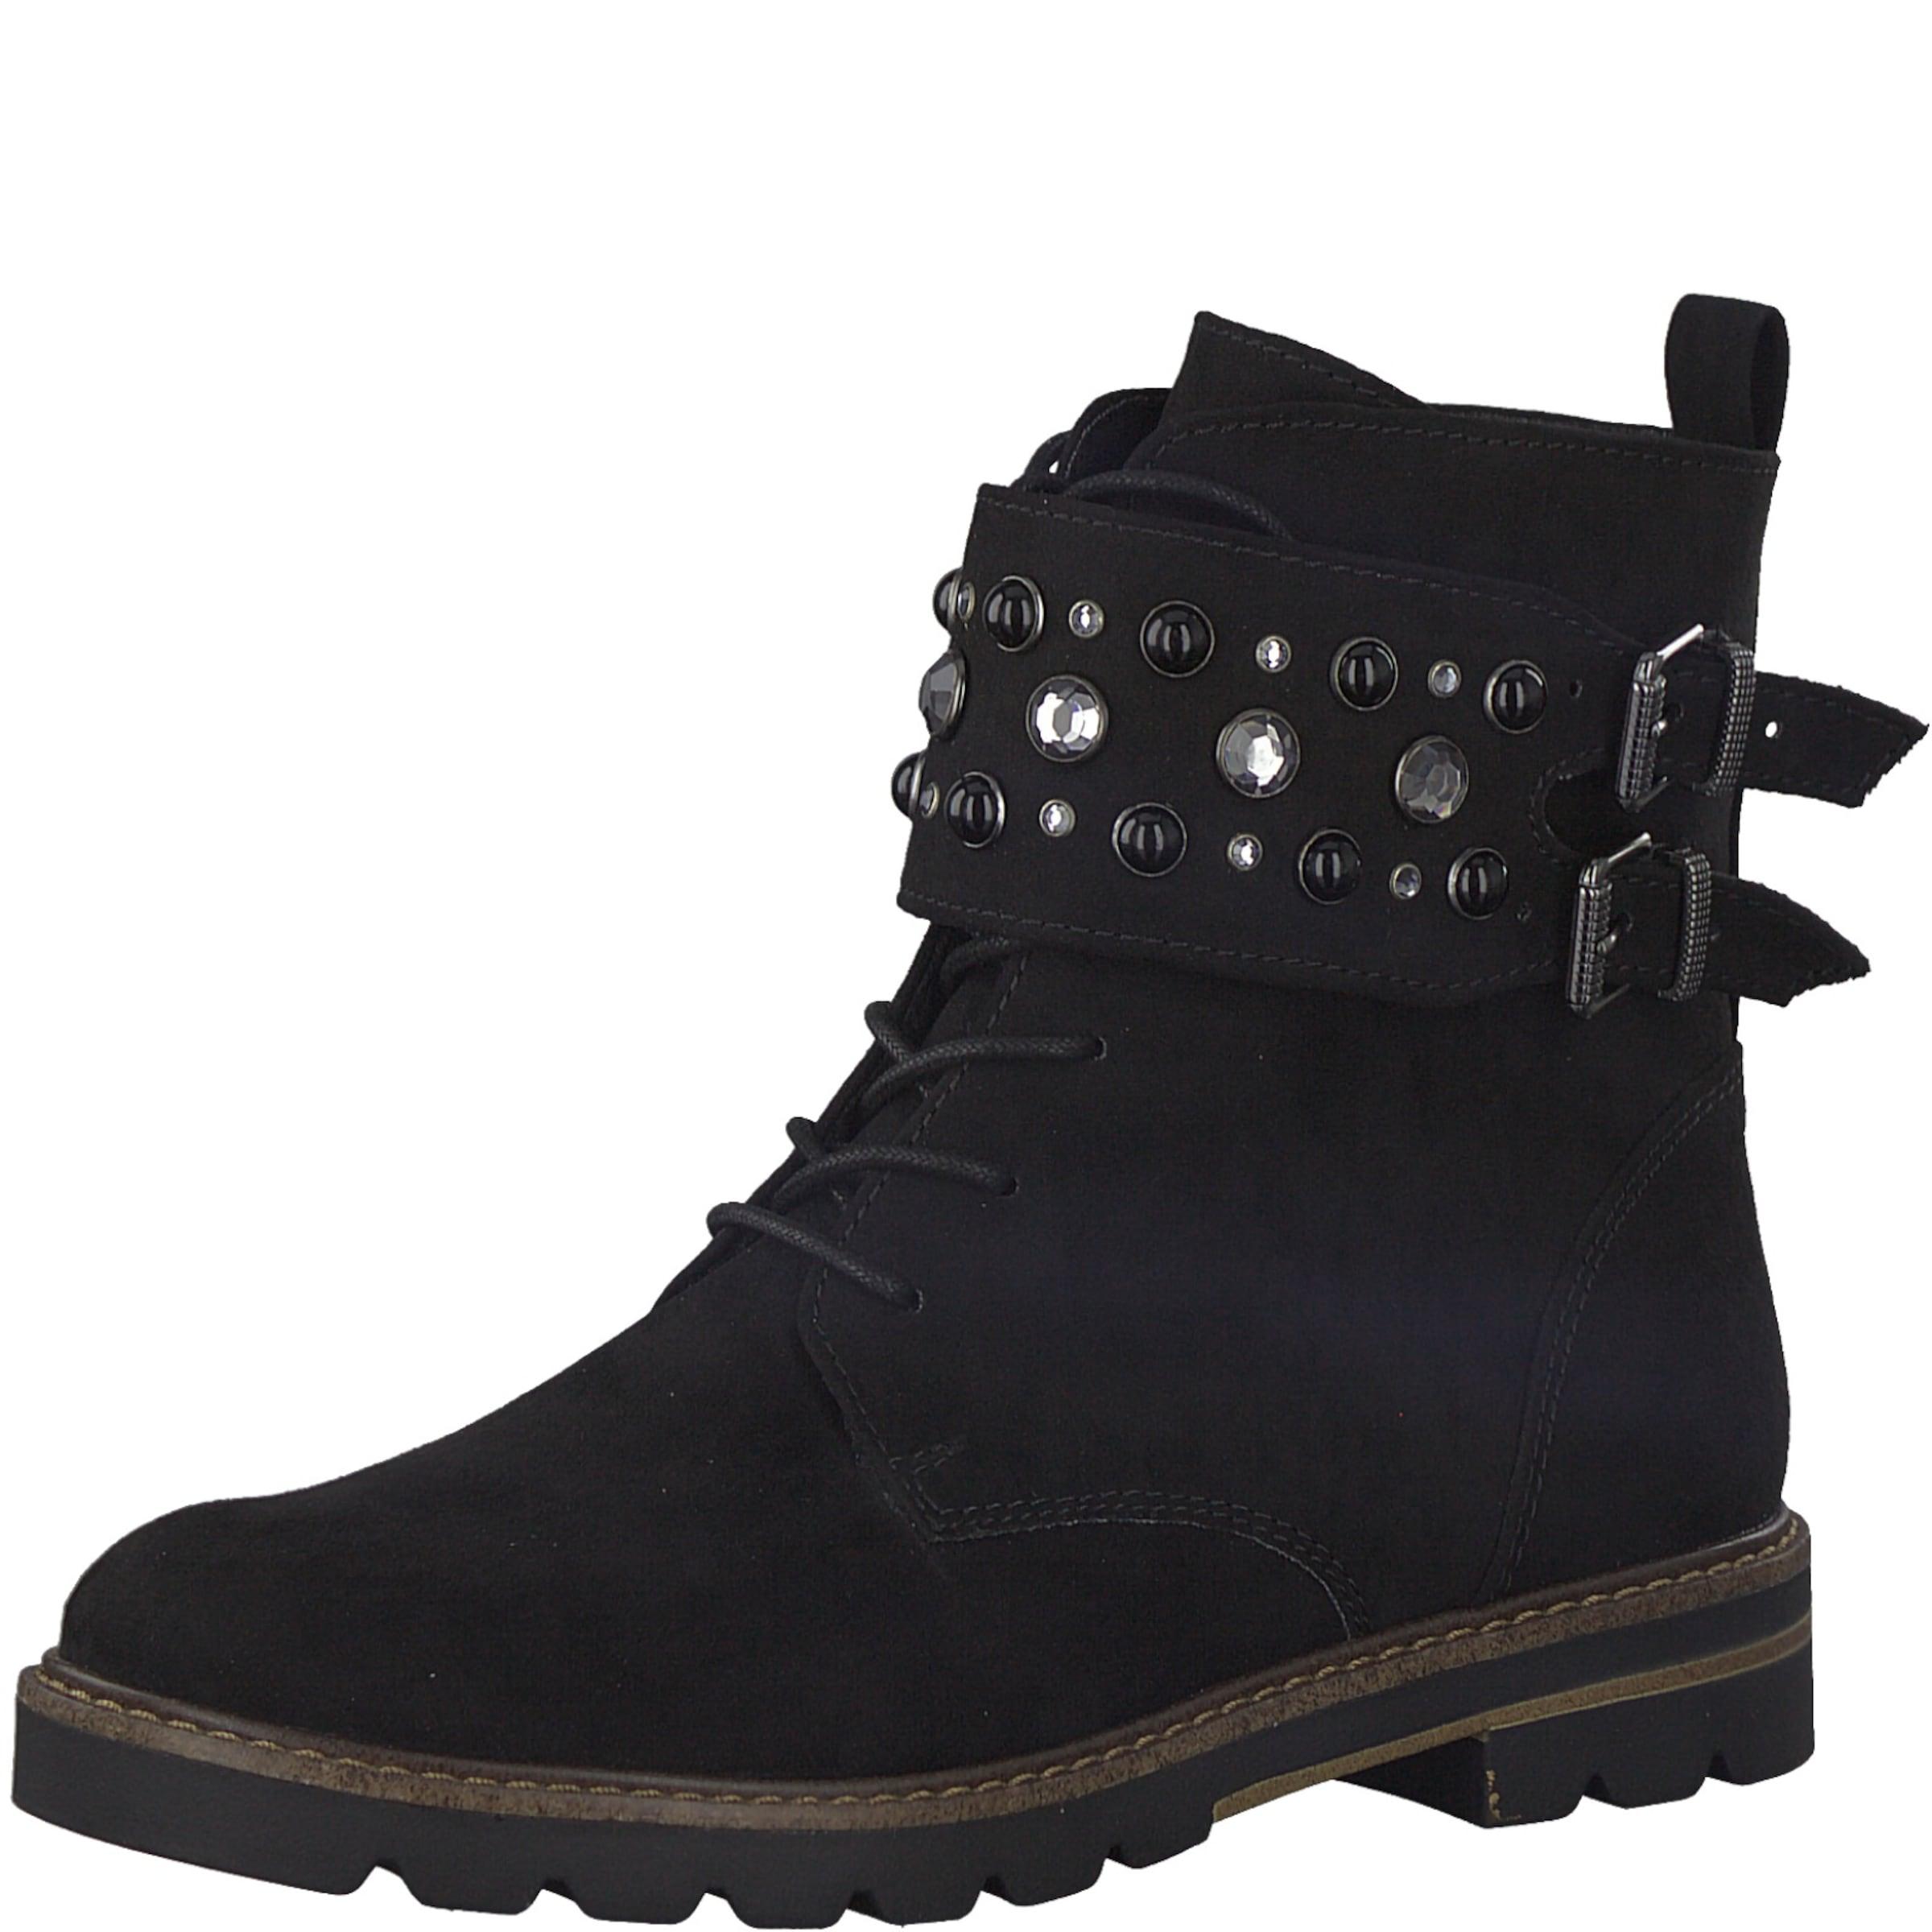 MARCO TOZZI Schnürstiefel Verschleißfeste billige Schuhe